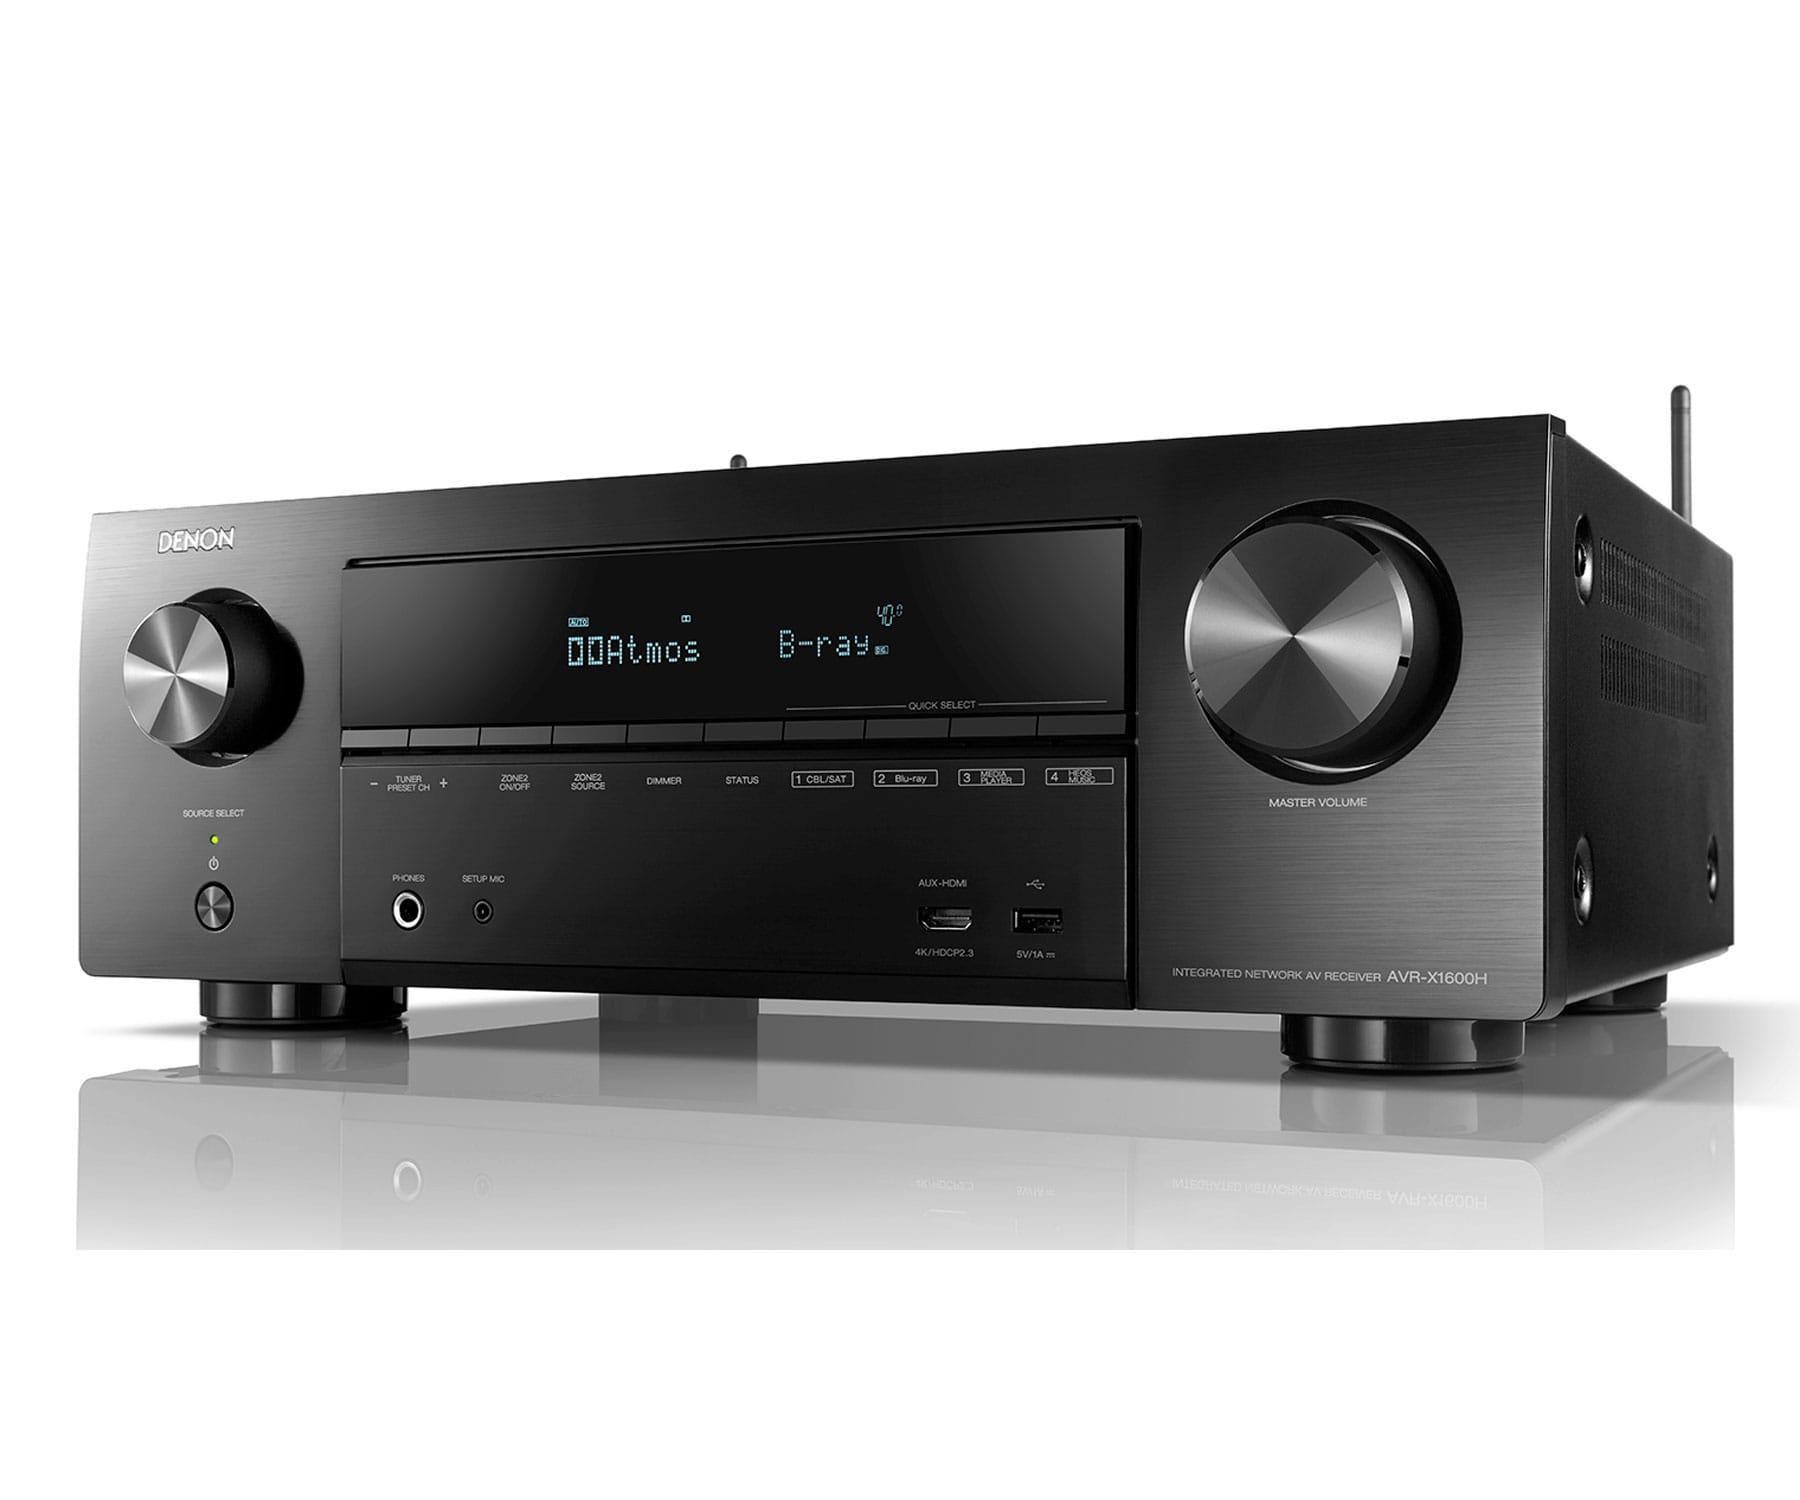 Denon AVR-X1600H Negro/Receptor AV/4K Ultra HD/7.2ch/145W/Dolby Atmos/DTS/3D/ARC